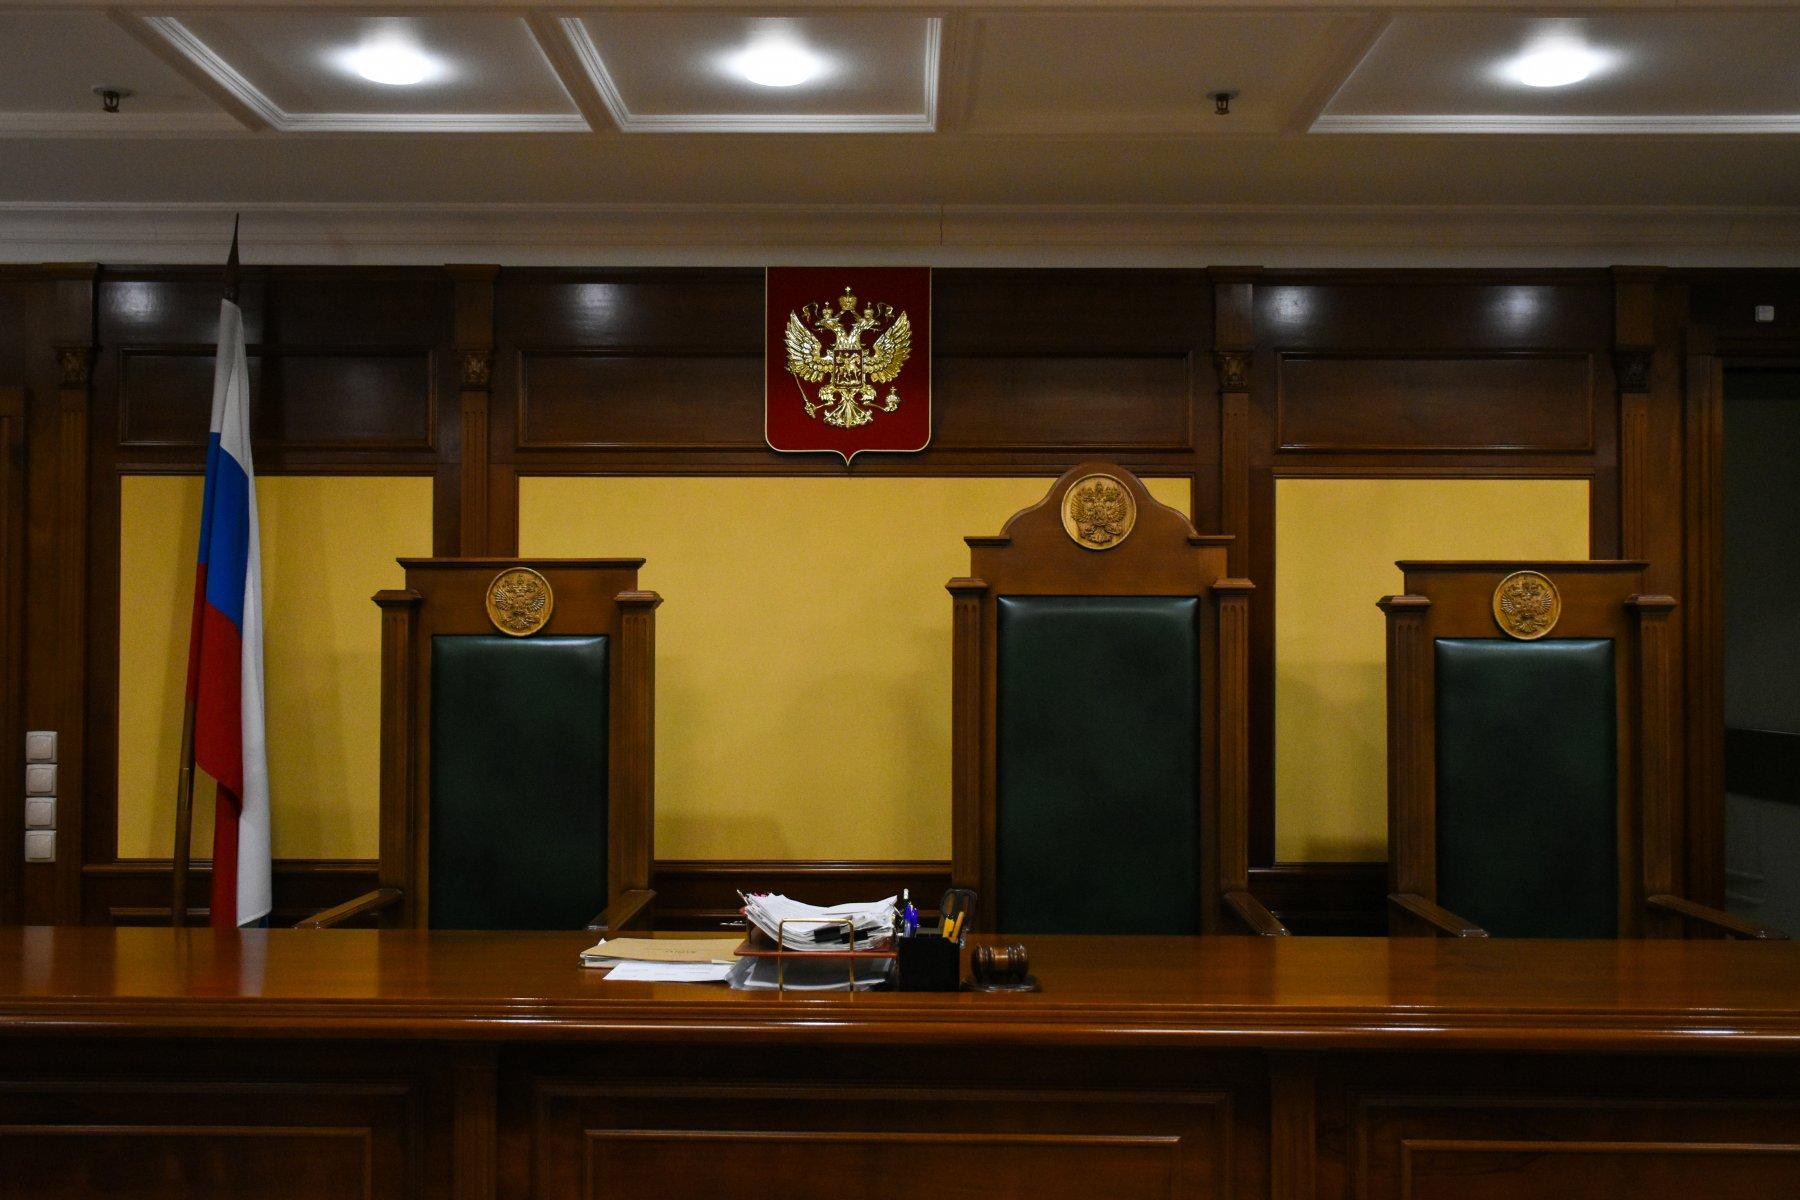 В Серпухове задержан подозреваемый в покушении на сбыт порядка 1 кг наркотиков